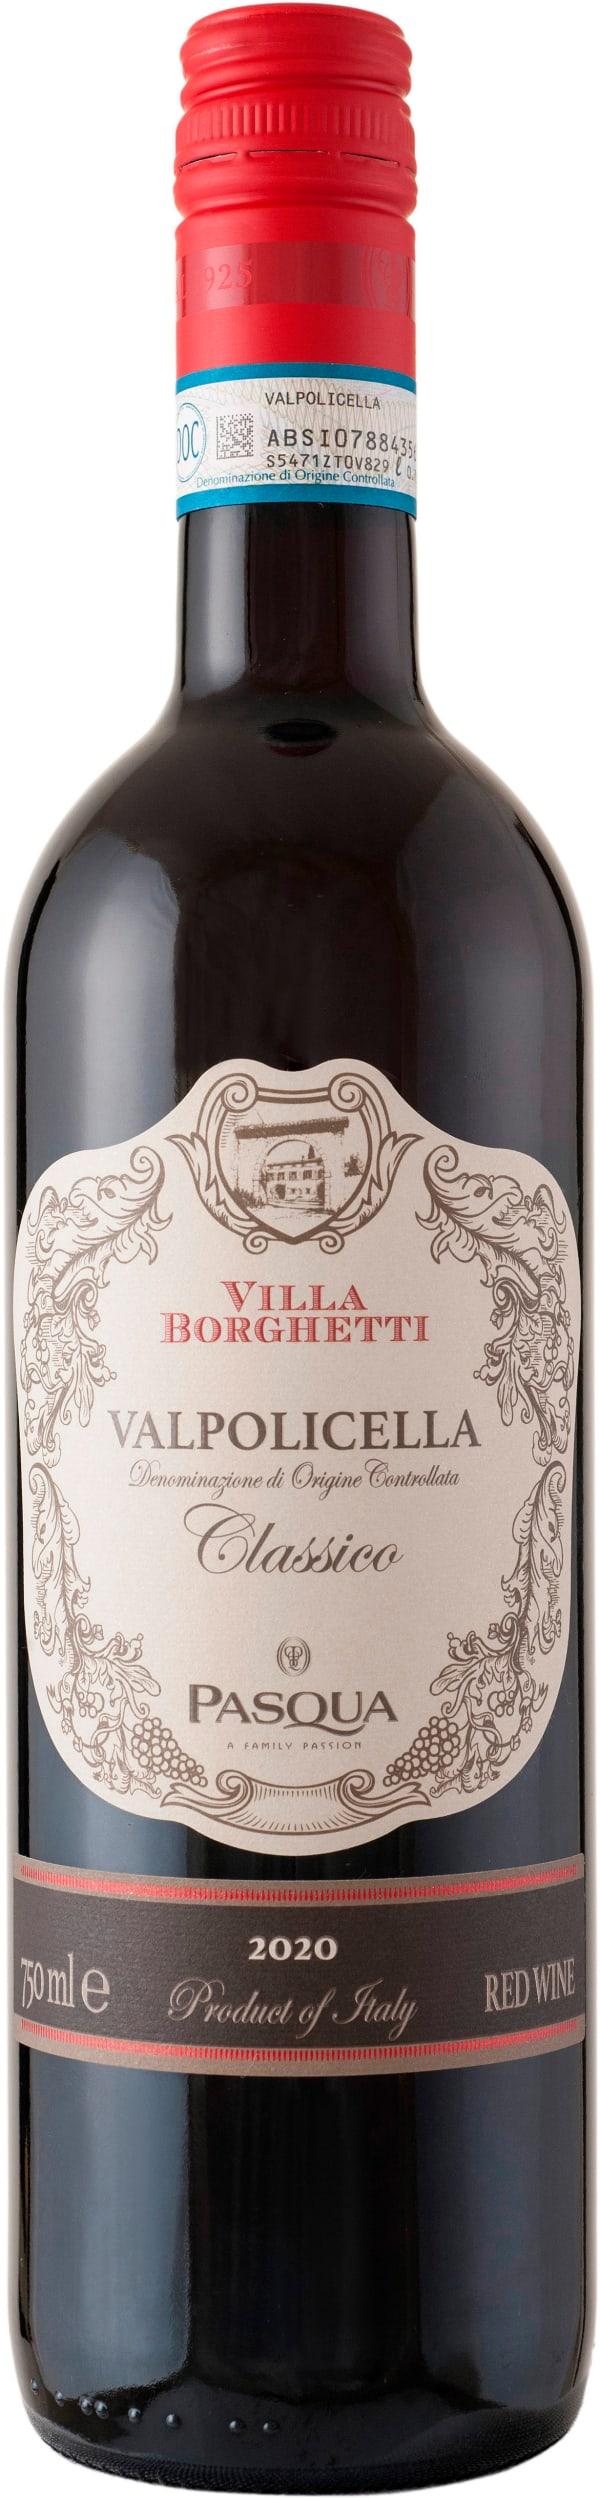 Pasqua Villa Borghetti Valpolicella Classico 2019 presentförpackning